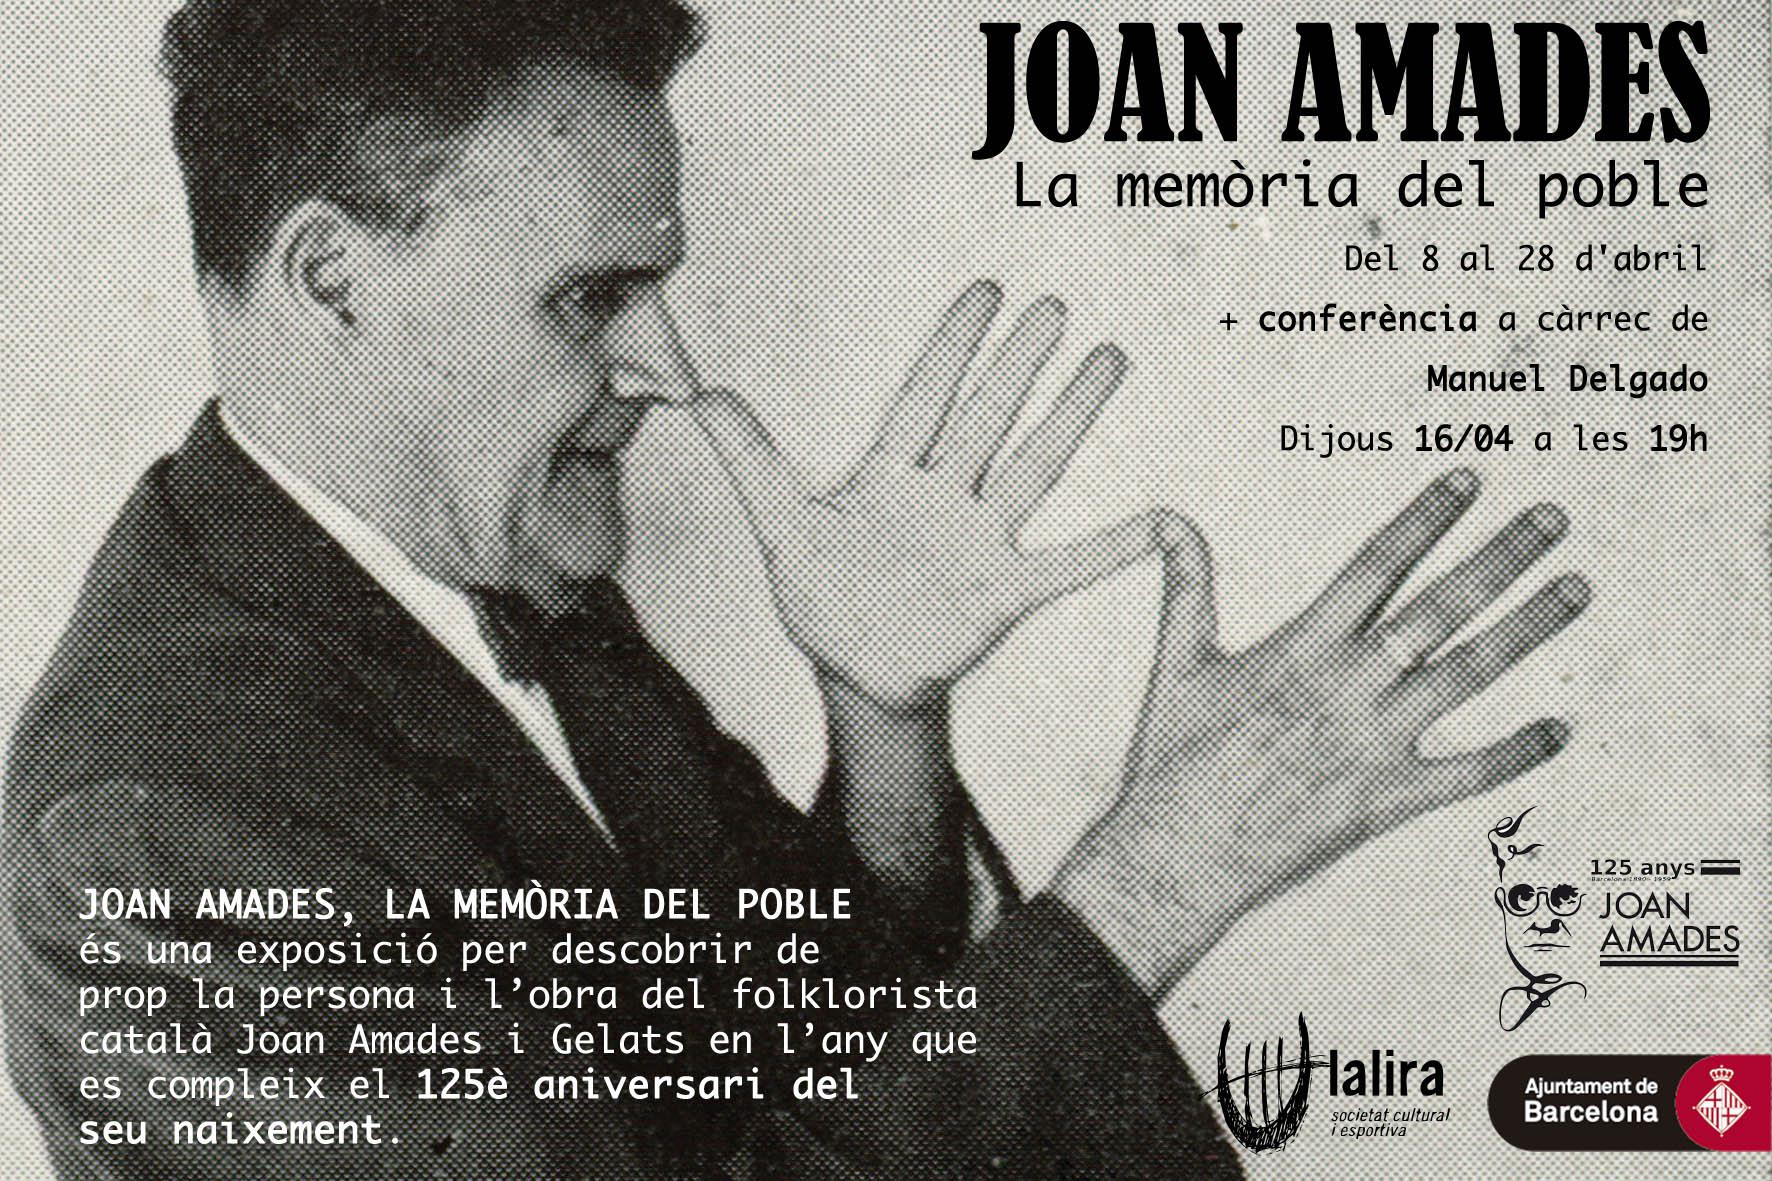 EXPOSICIÓ: Joan Amades. La memòria del poble